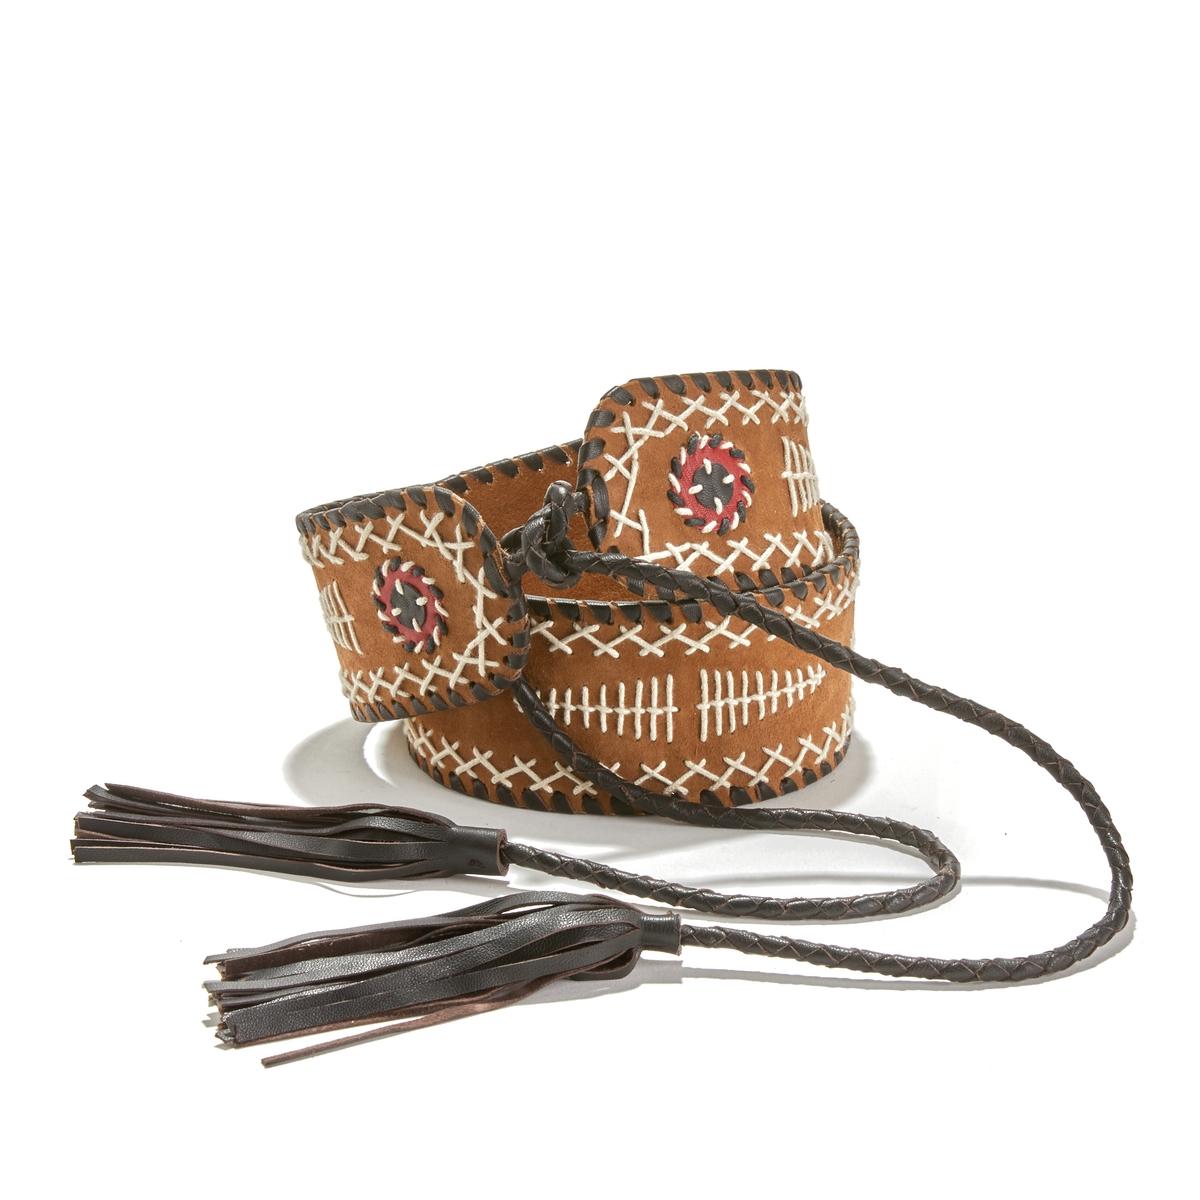 Cinturón ancho para anudar, de piel bordada